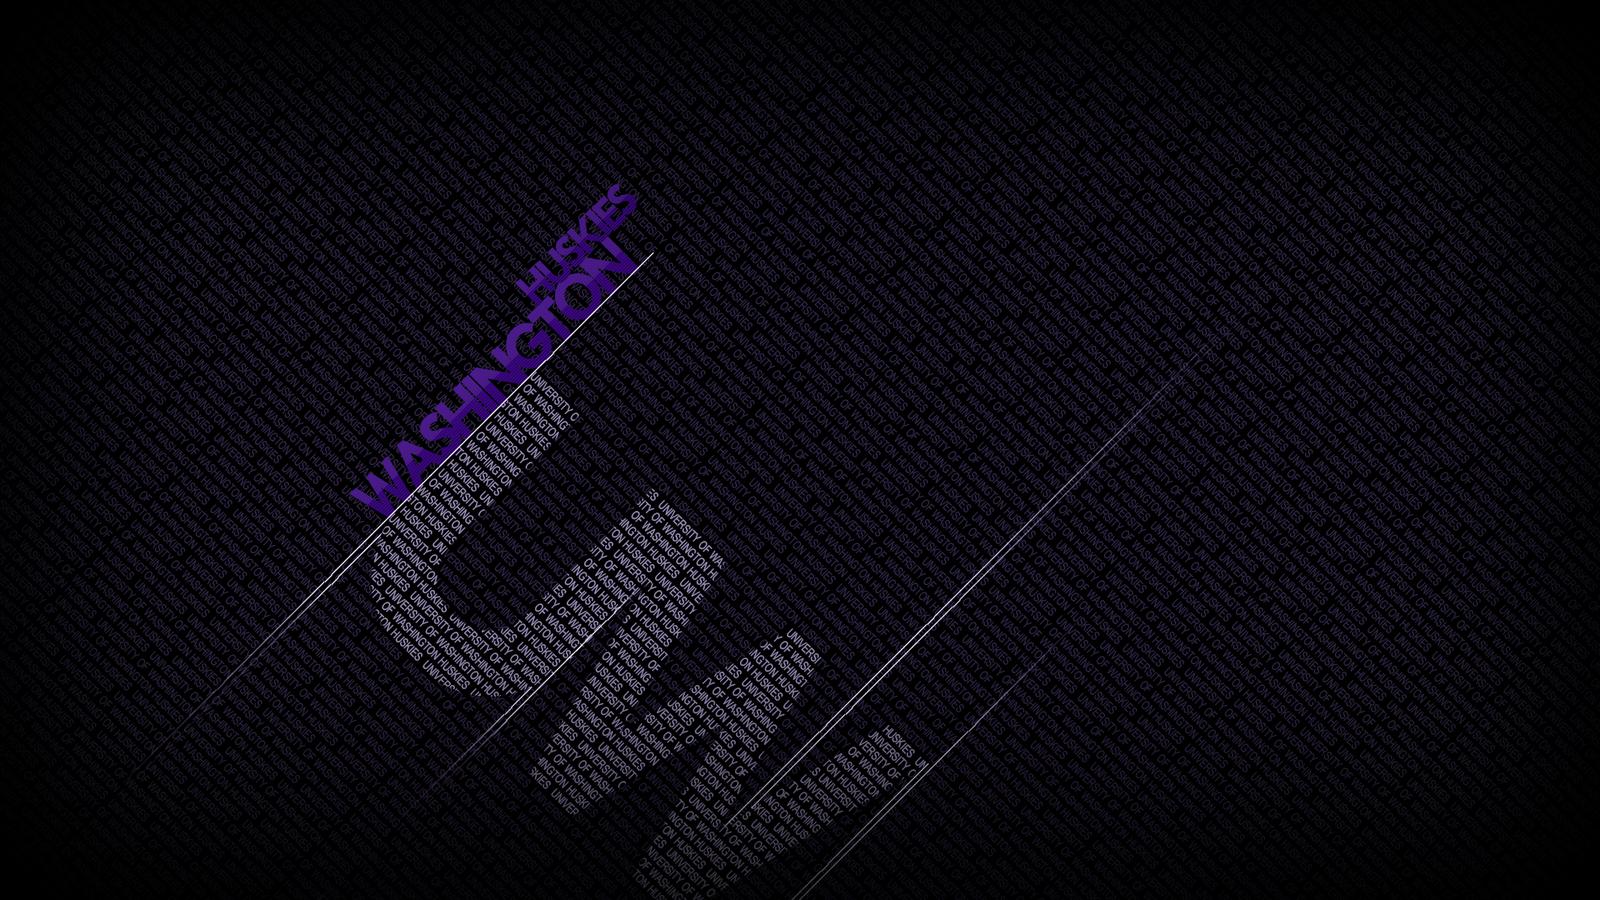 UW Wallpaper by dynamiK farr 1600x900